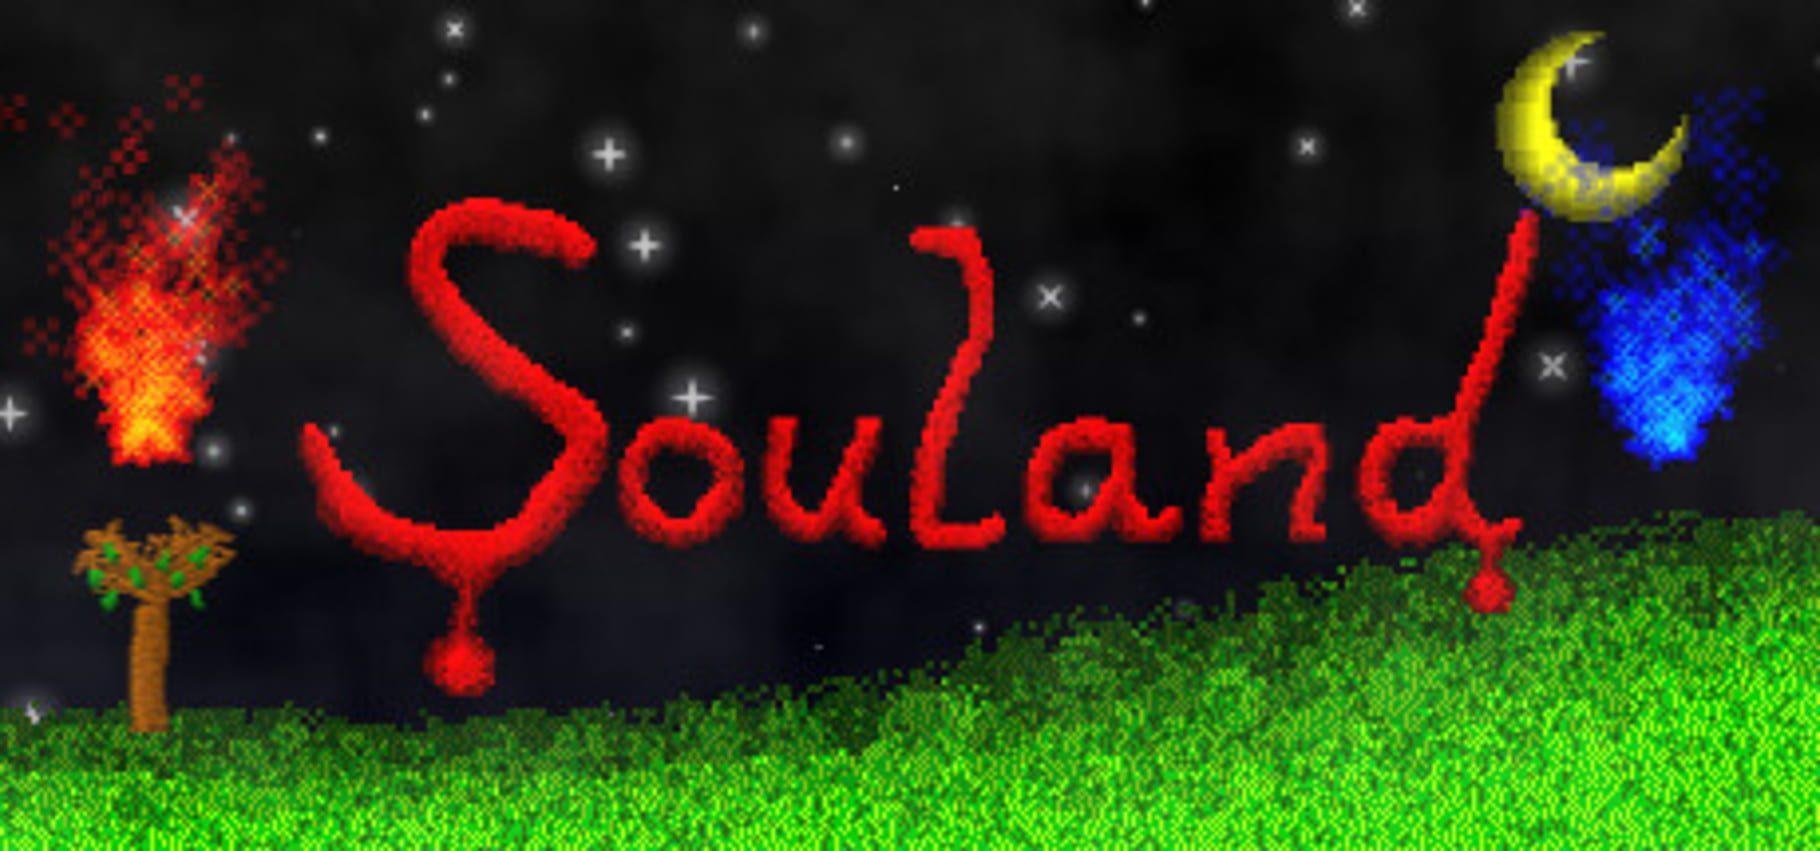 buy Souland cd key for all platform